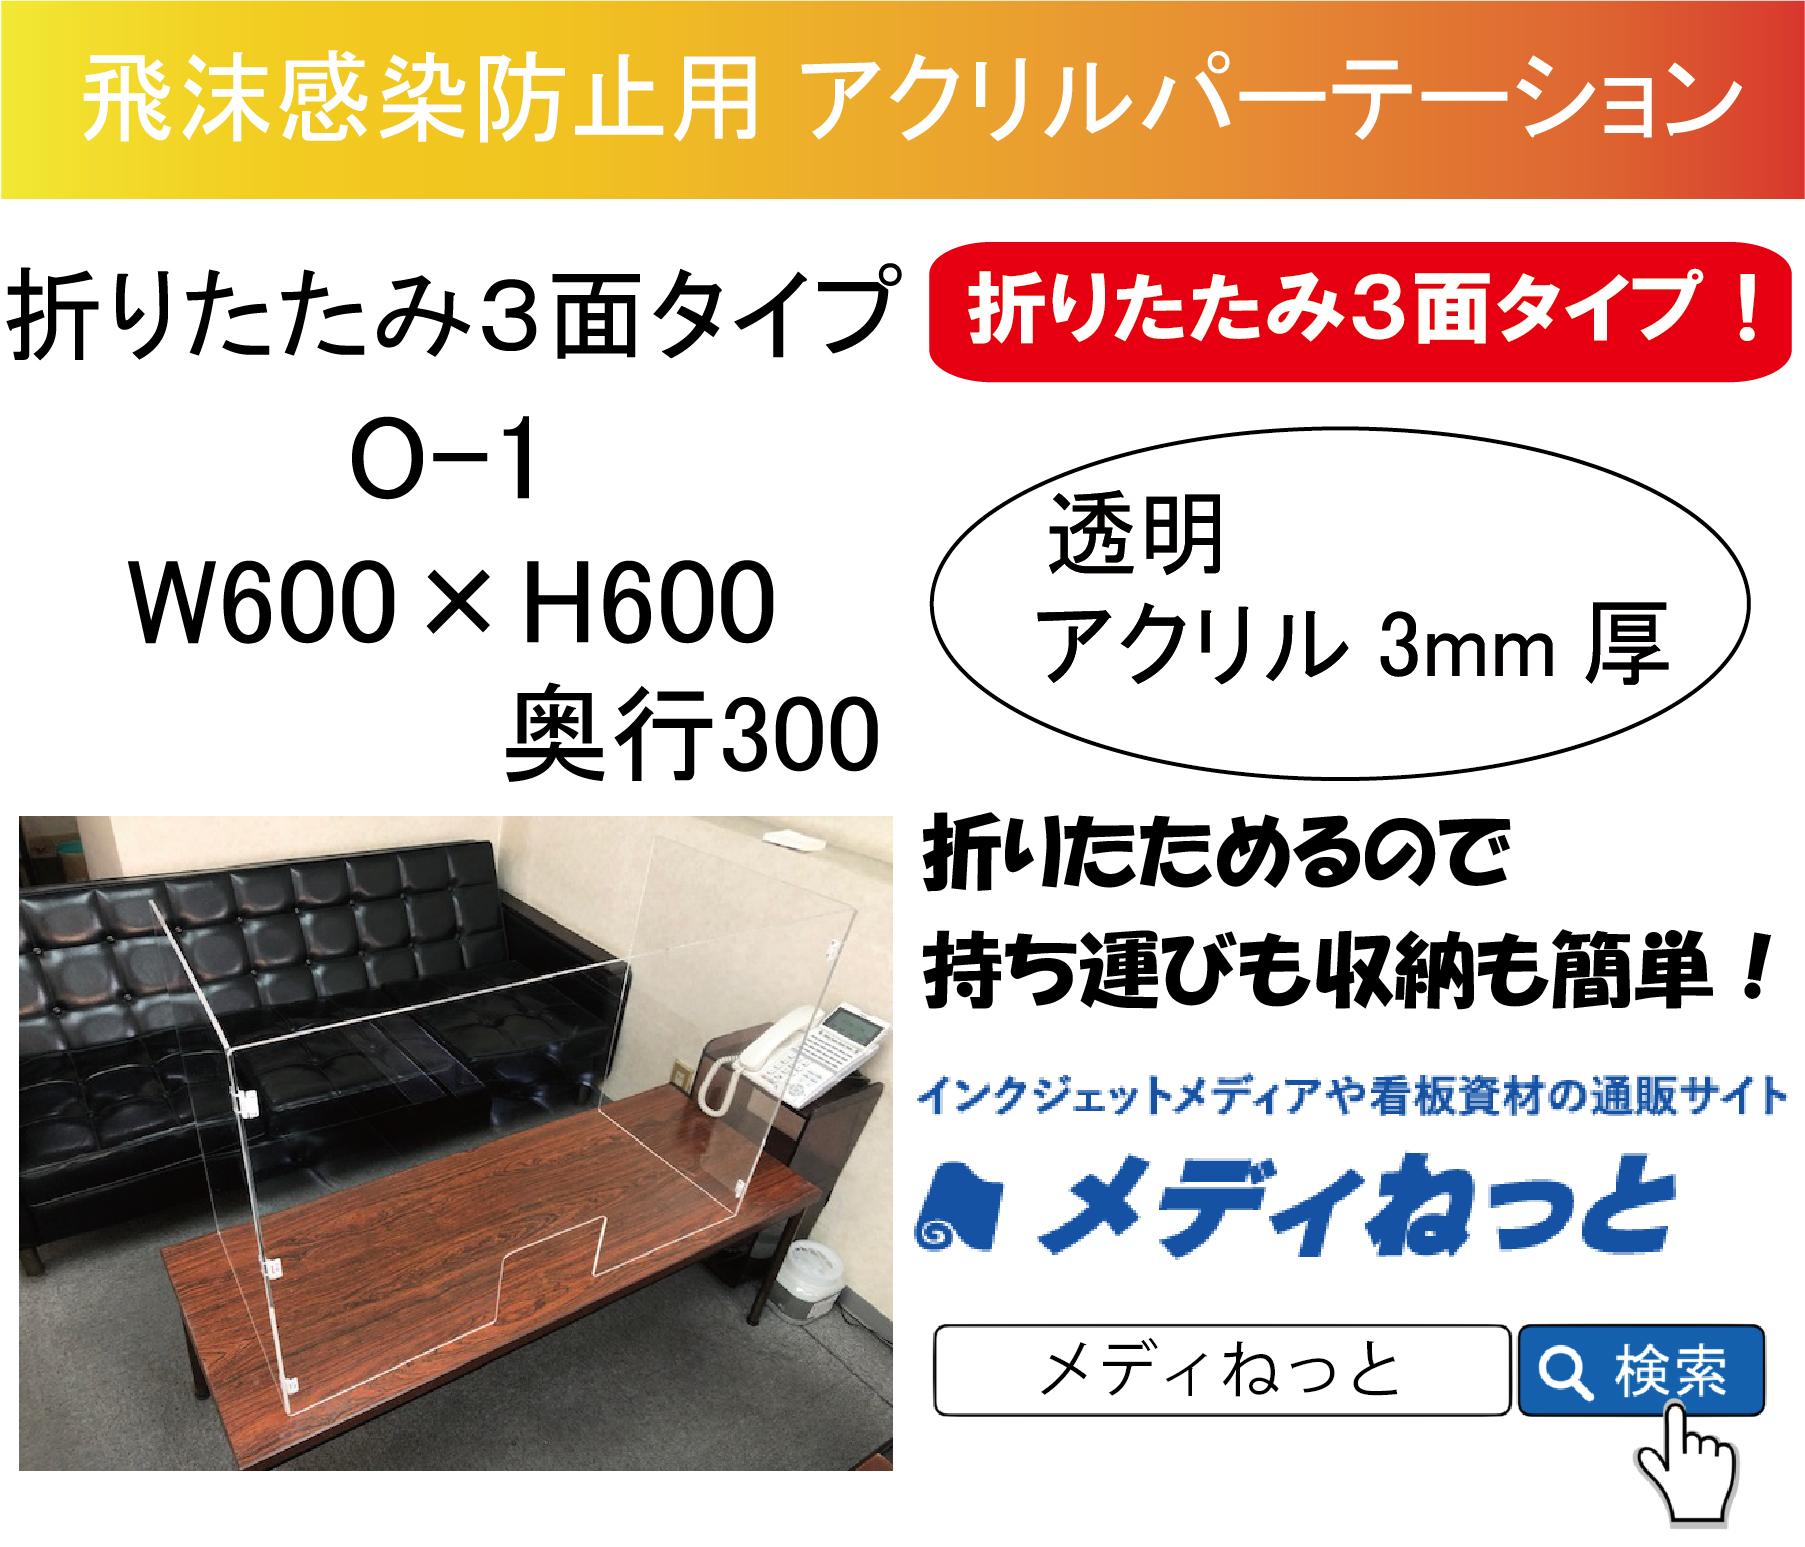 【飛沫感染予防バリア】アクリルパーテーション 折りたたみ3面タイプ O-1 600×600×奥行300 透明